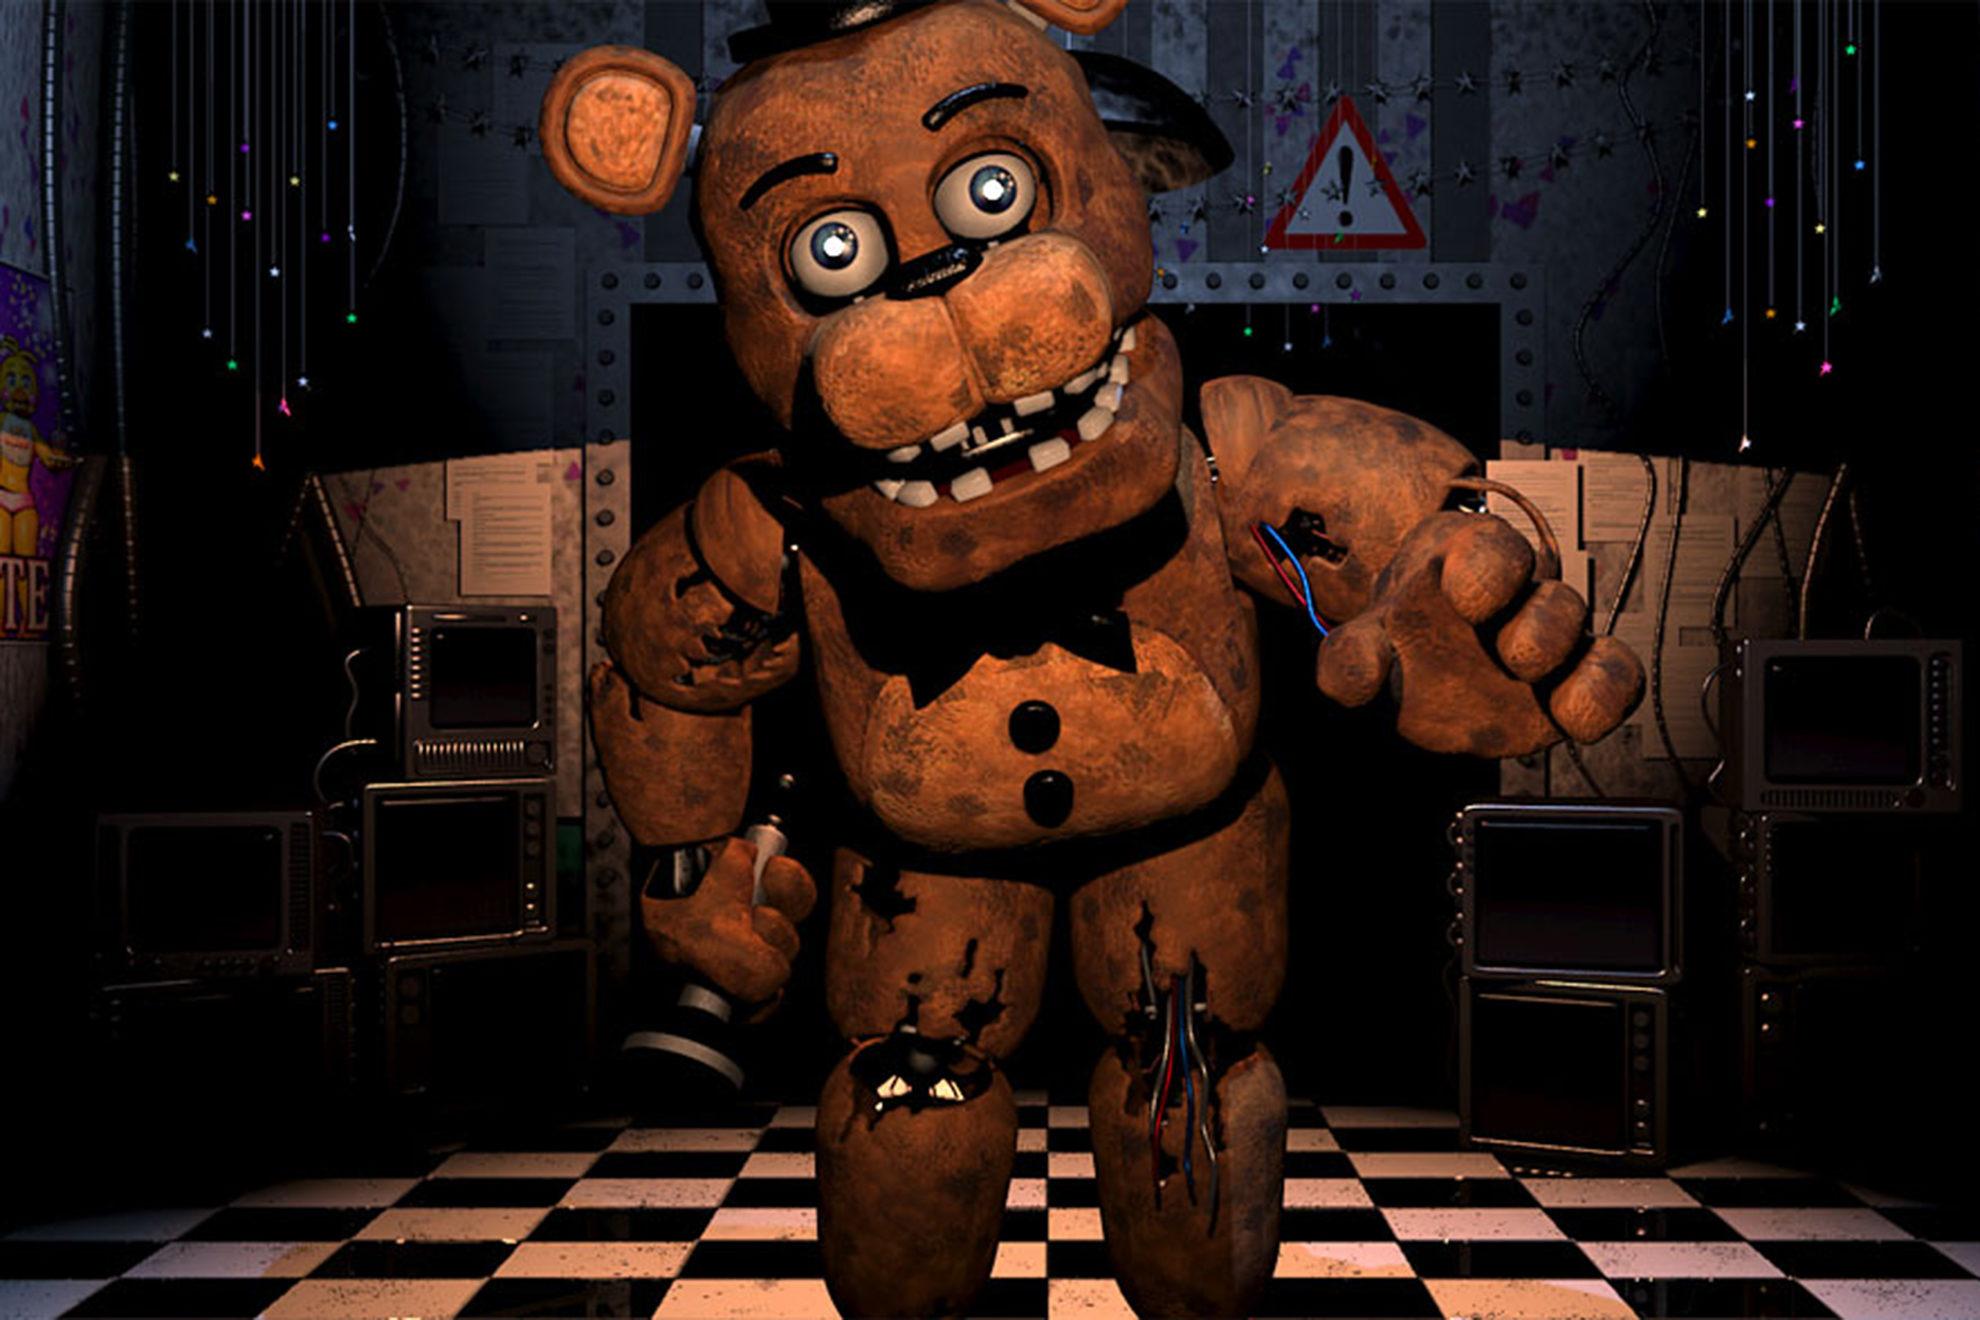 Książkowy świat Five Nights at Freddy's